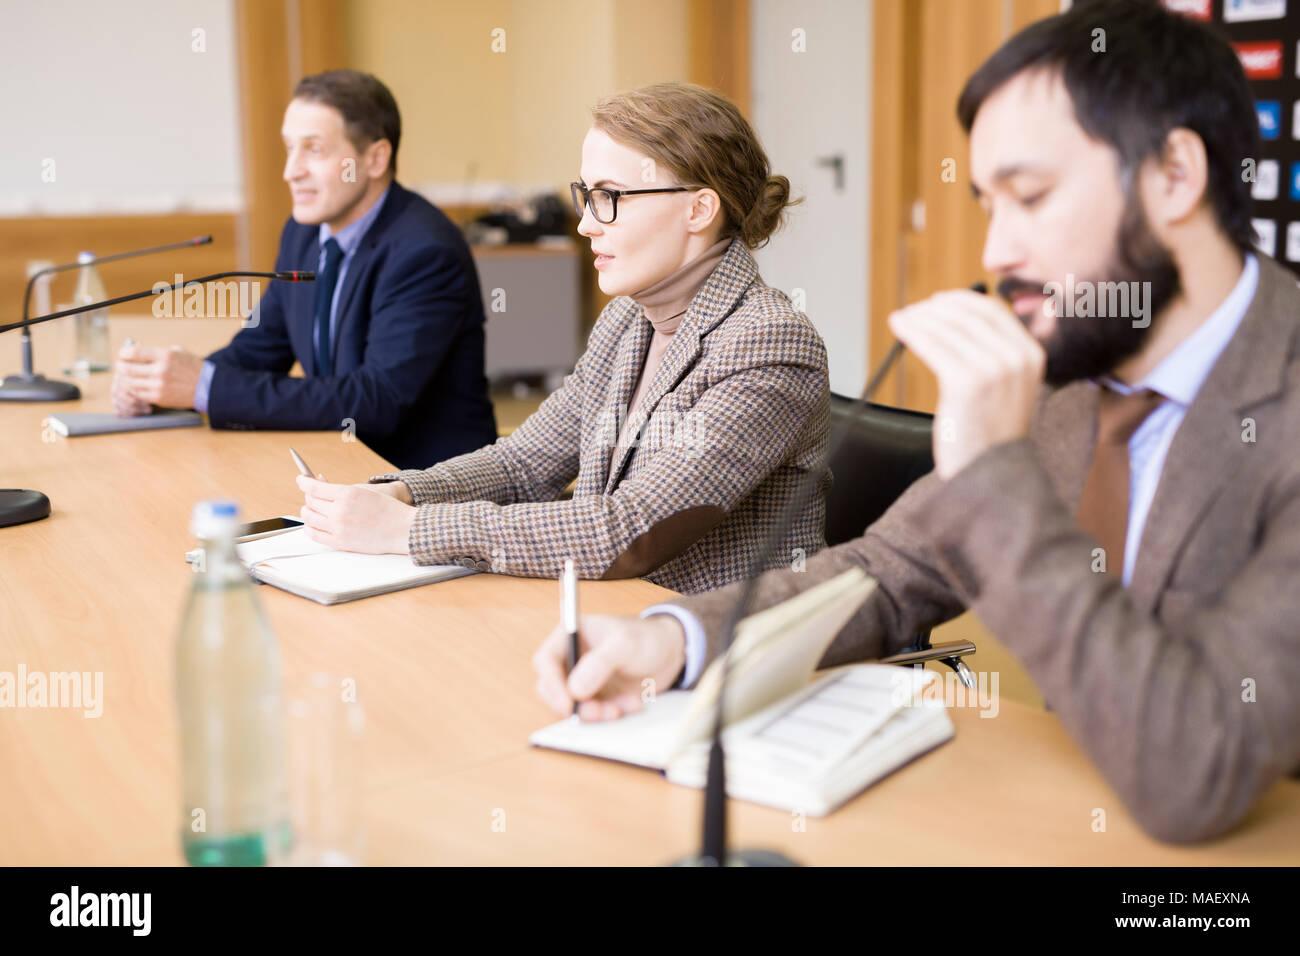 Business Menschen die Teilnahme an der Pressekonferenz Stockbild